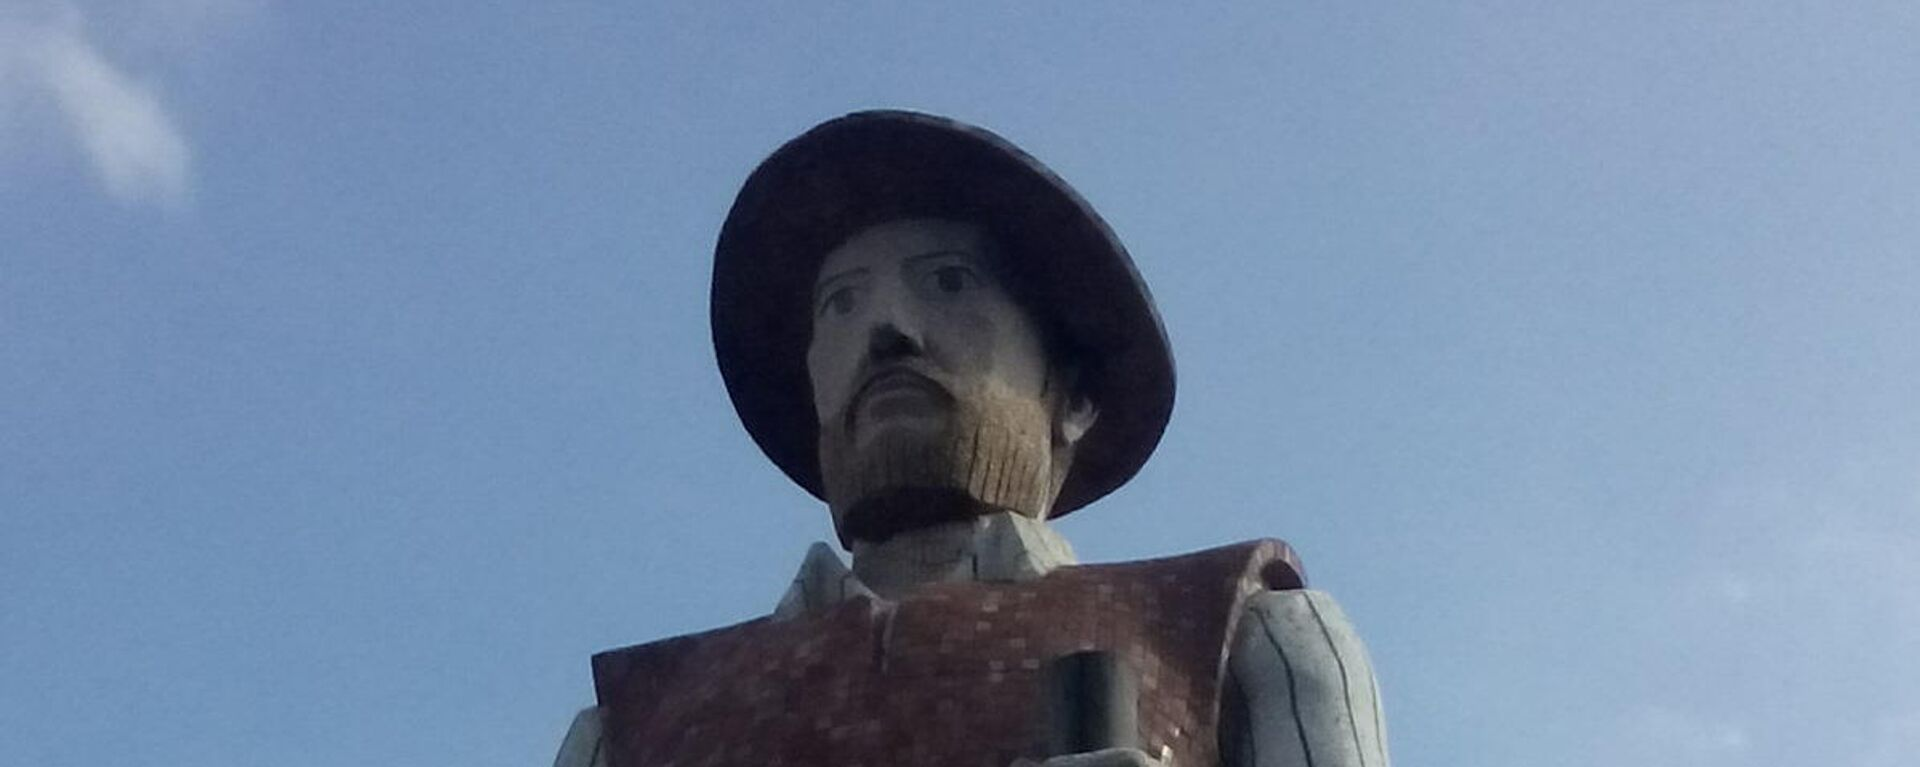 Estatua de Borba Gato - Sputnik Mundo, 1920, 01.09.2021